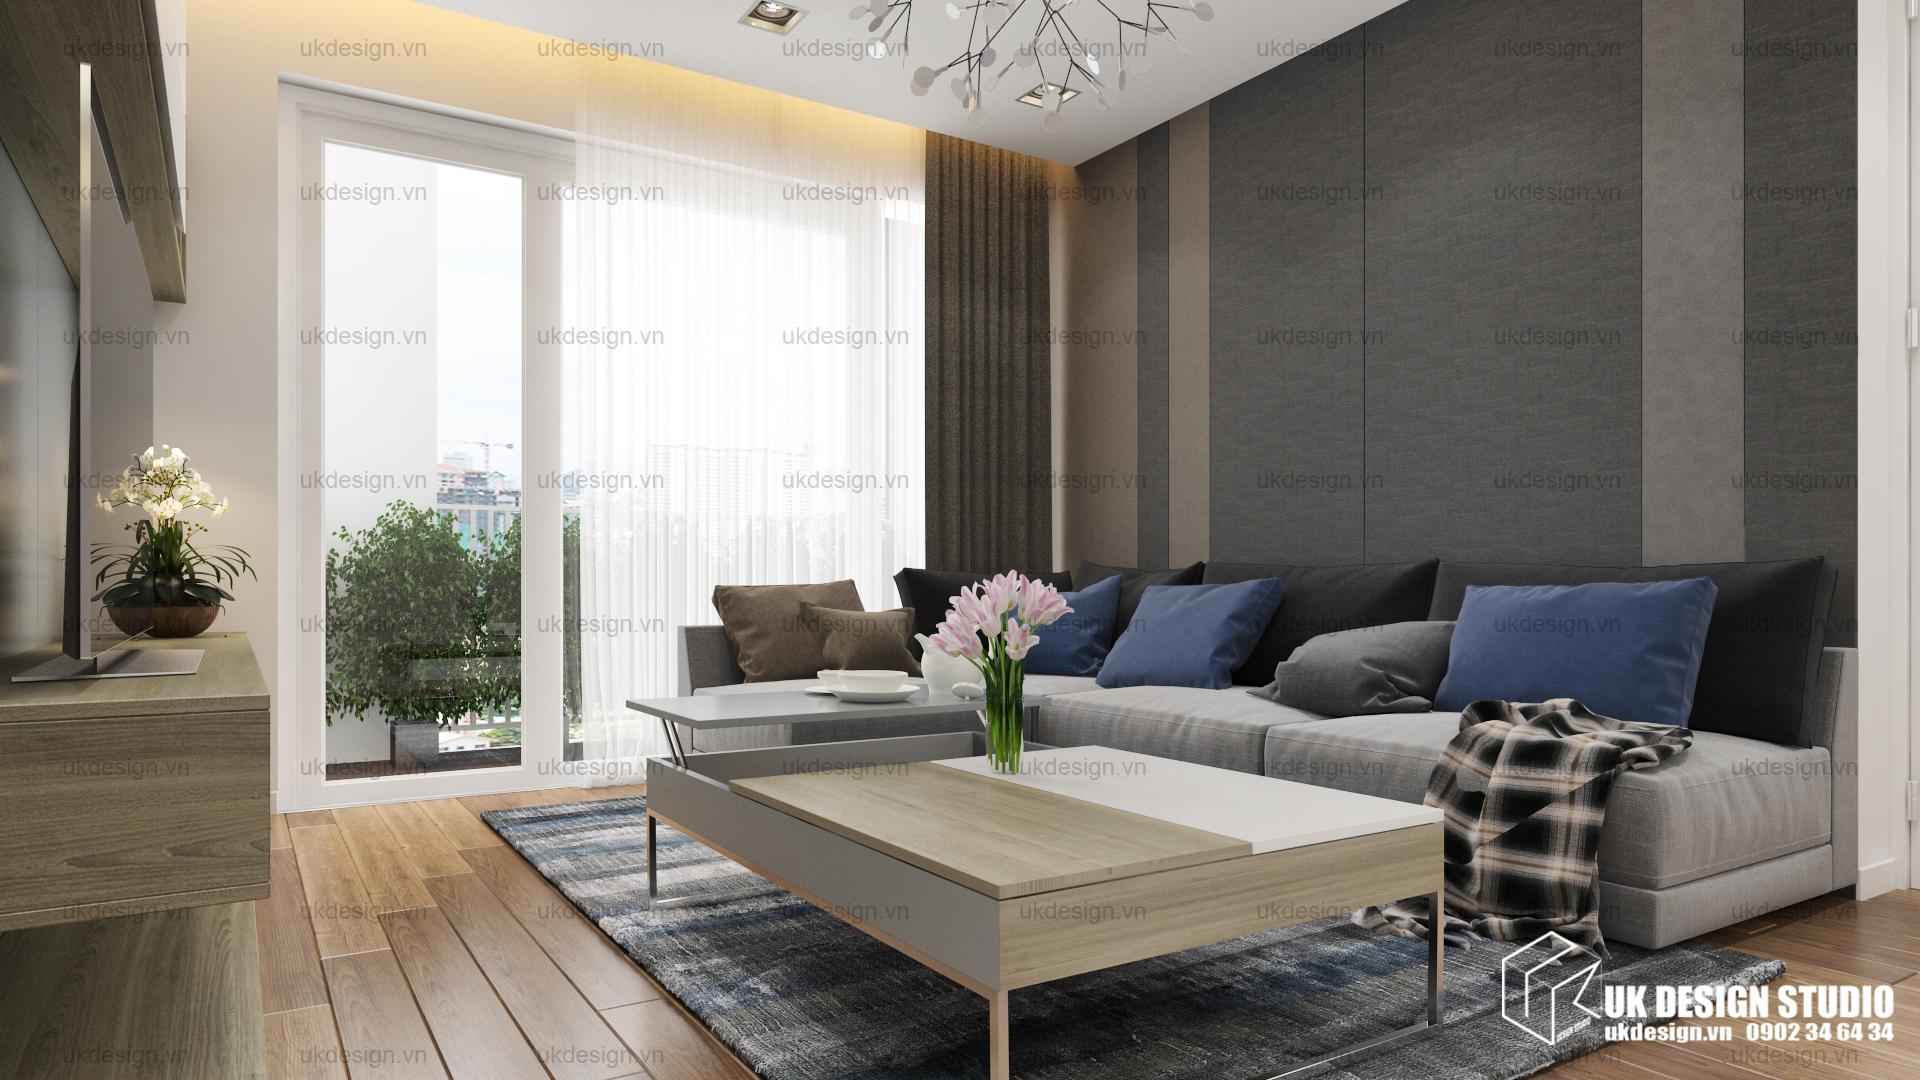 Thiết kế nội thất căn hộ chung cư 3